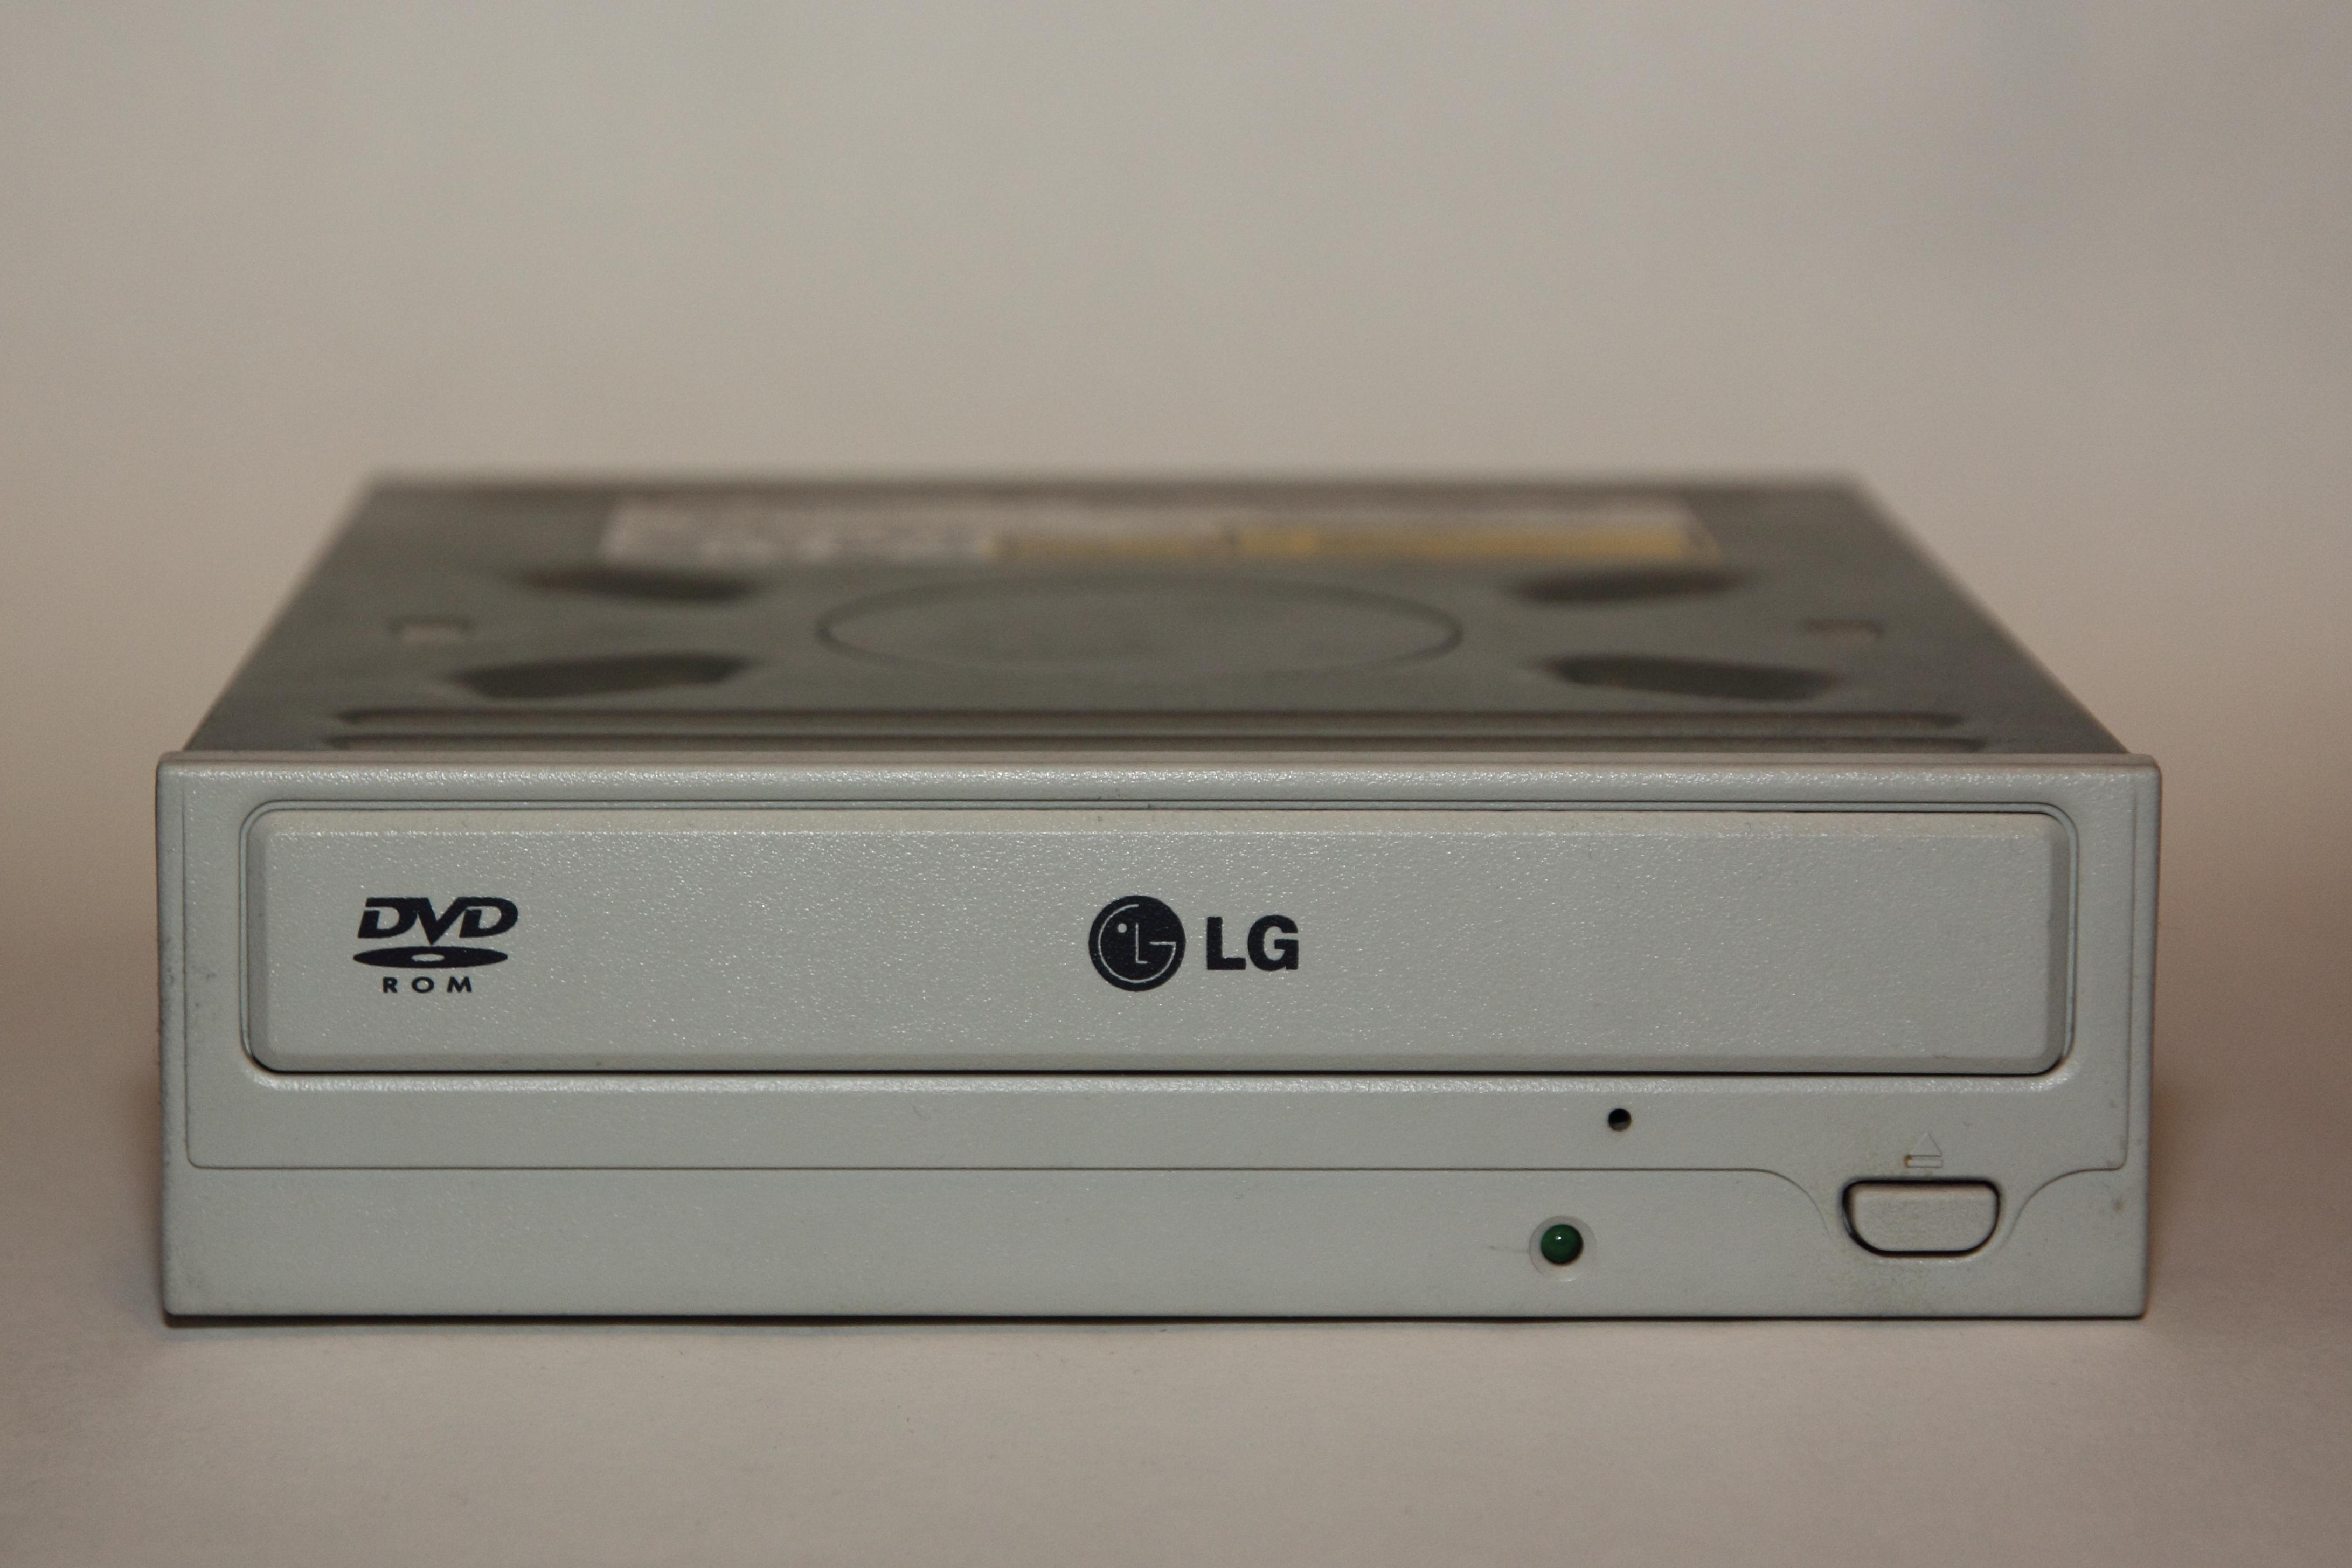 LG DVD ROM 8164B DRIVERS DOWNLOAD FREE